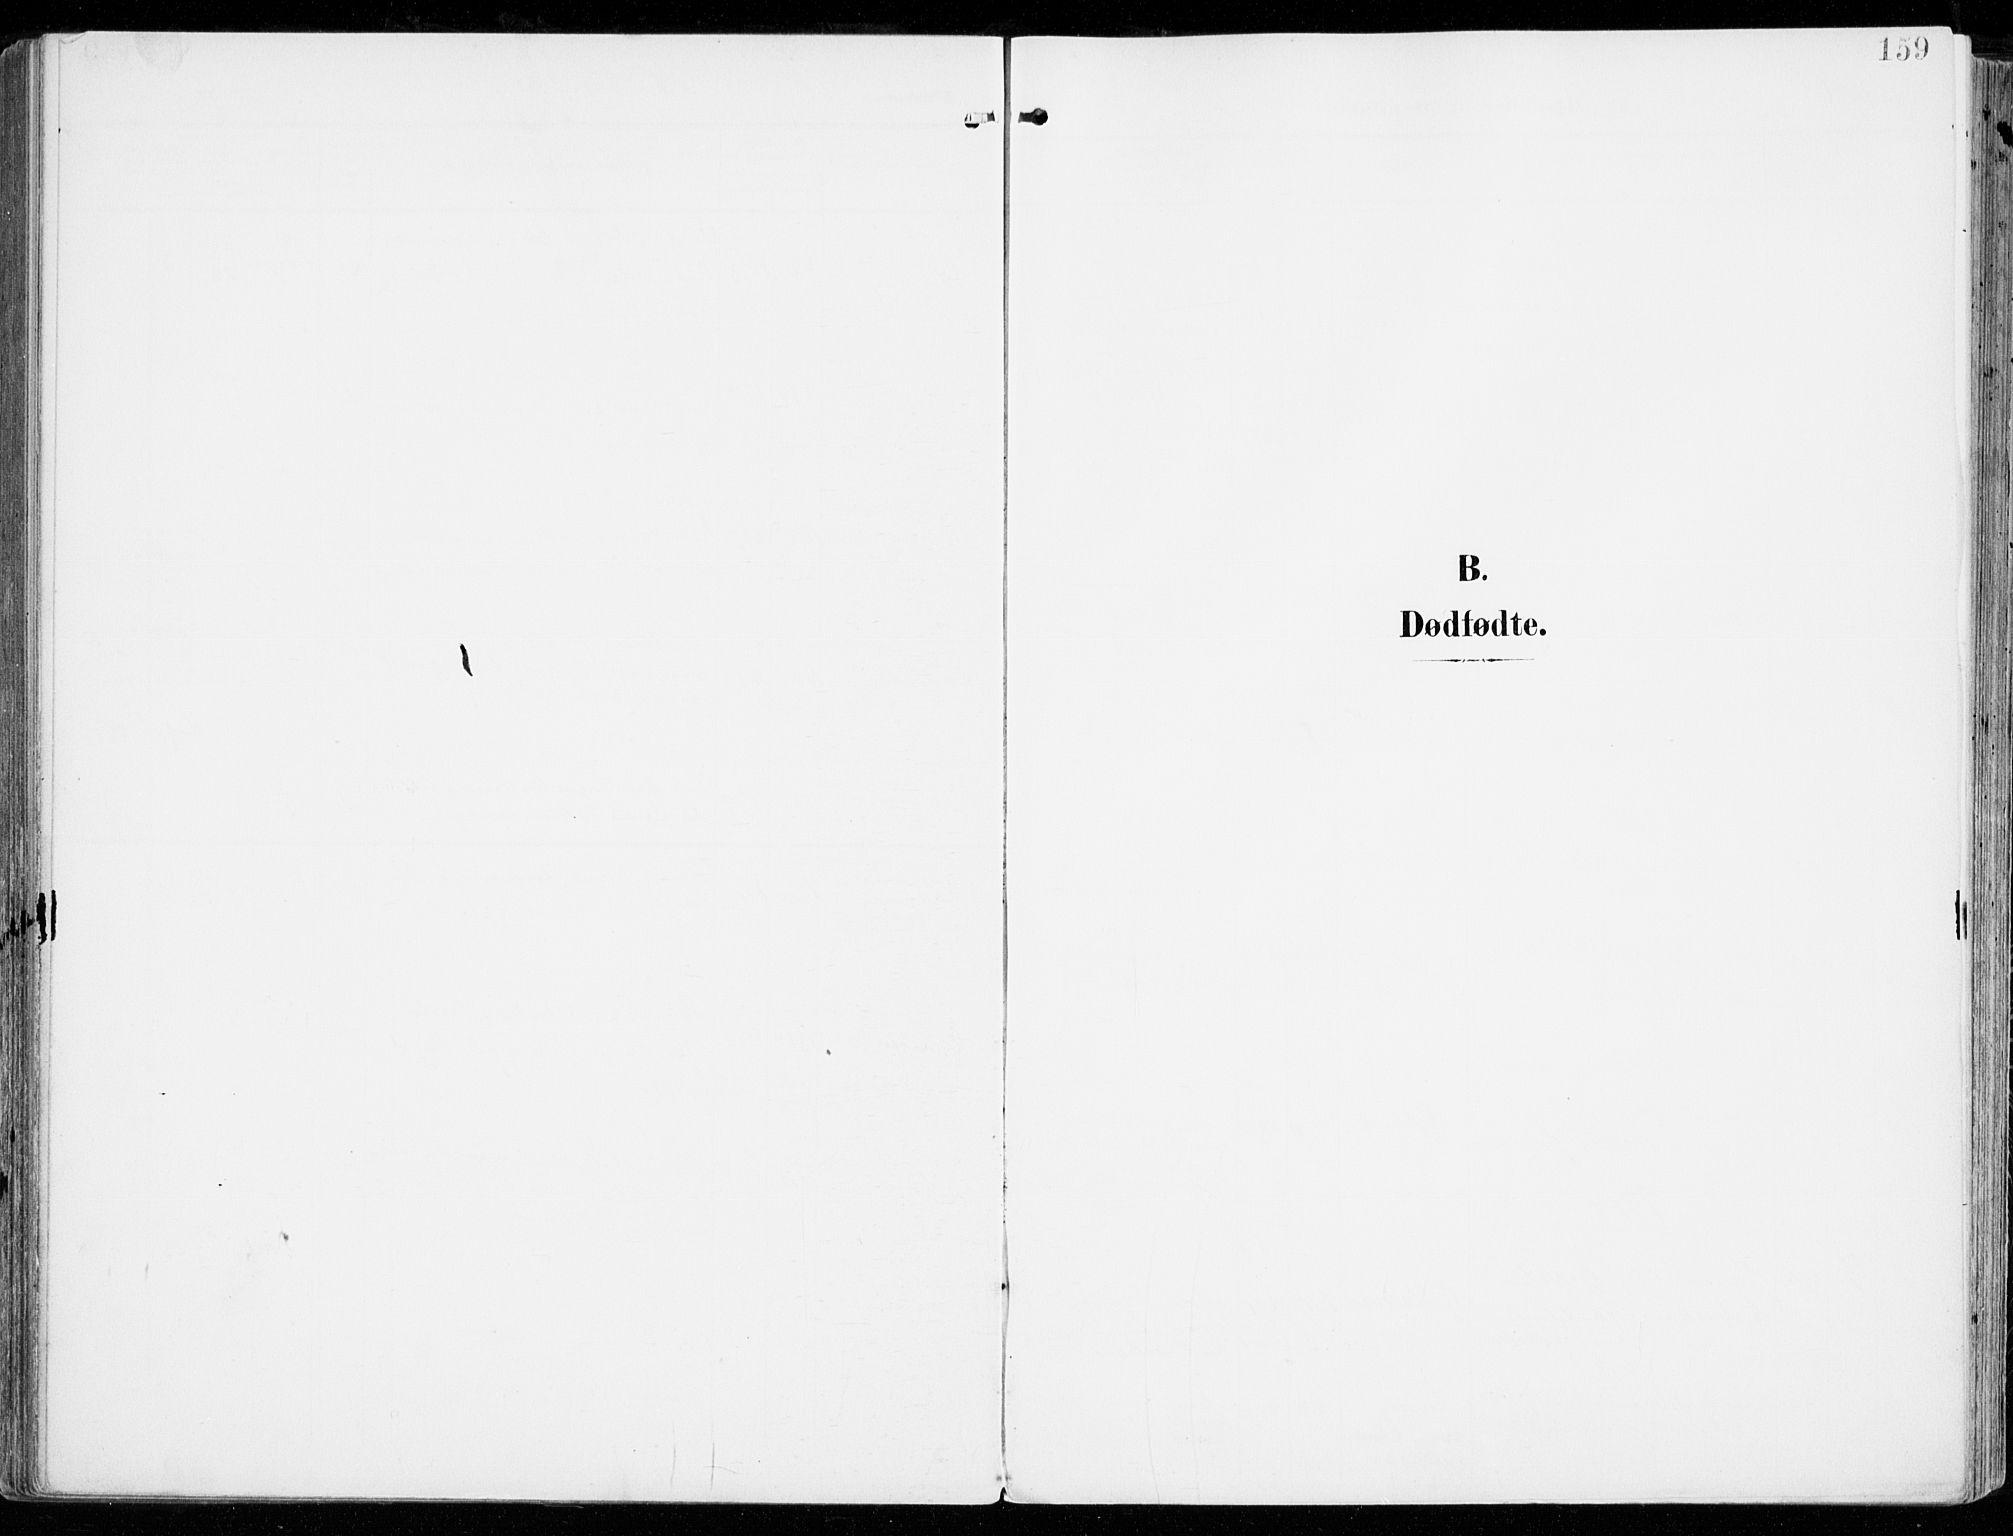 SAKO, Tjølling kirkebøker, F/Fa/L0010: Ministerialbok nr. 10, 1906-1923, s. 159